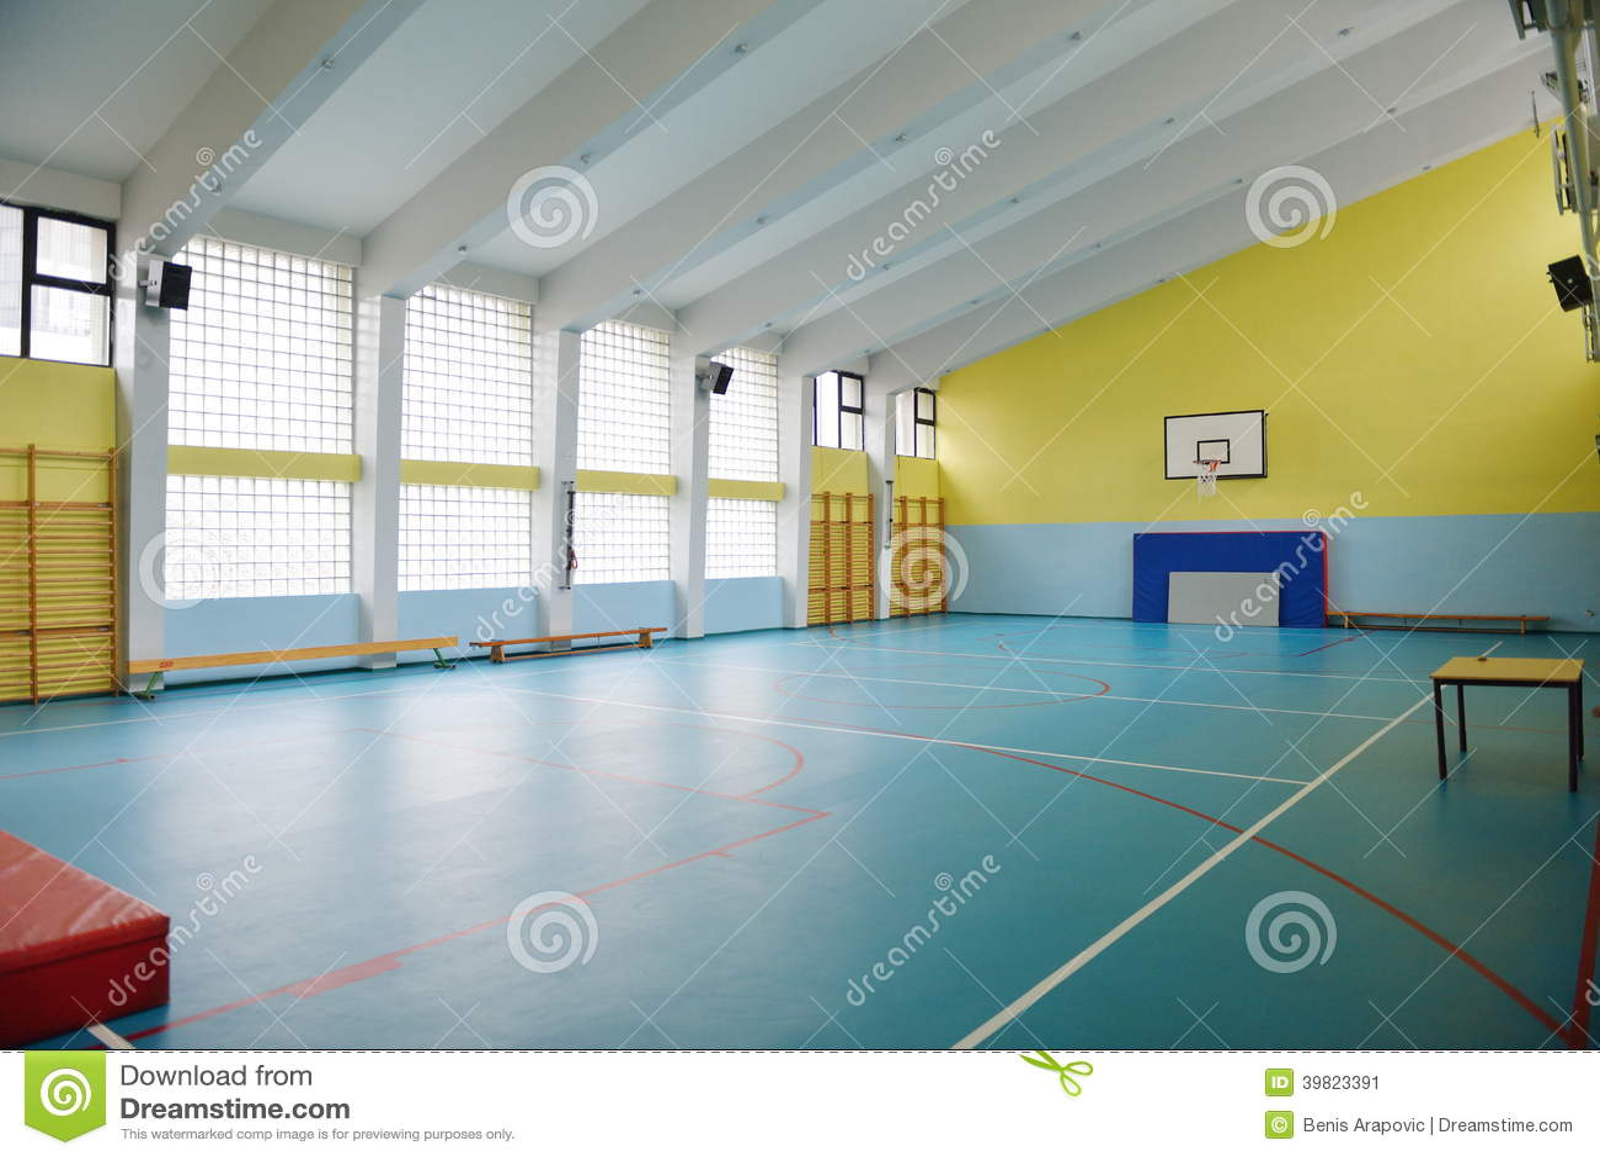 School Gym Indoor Stock Photo - Image: 39823391